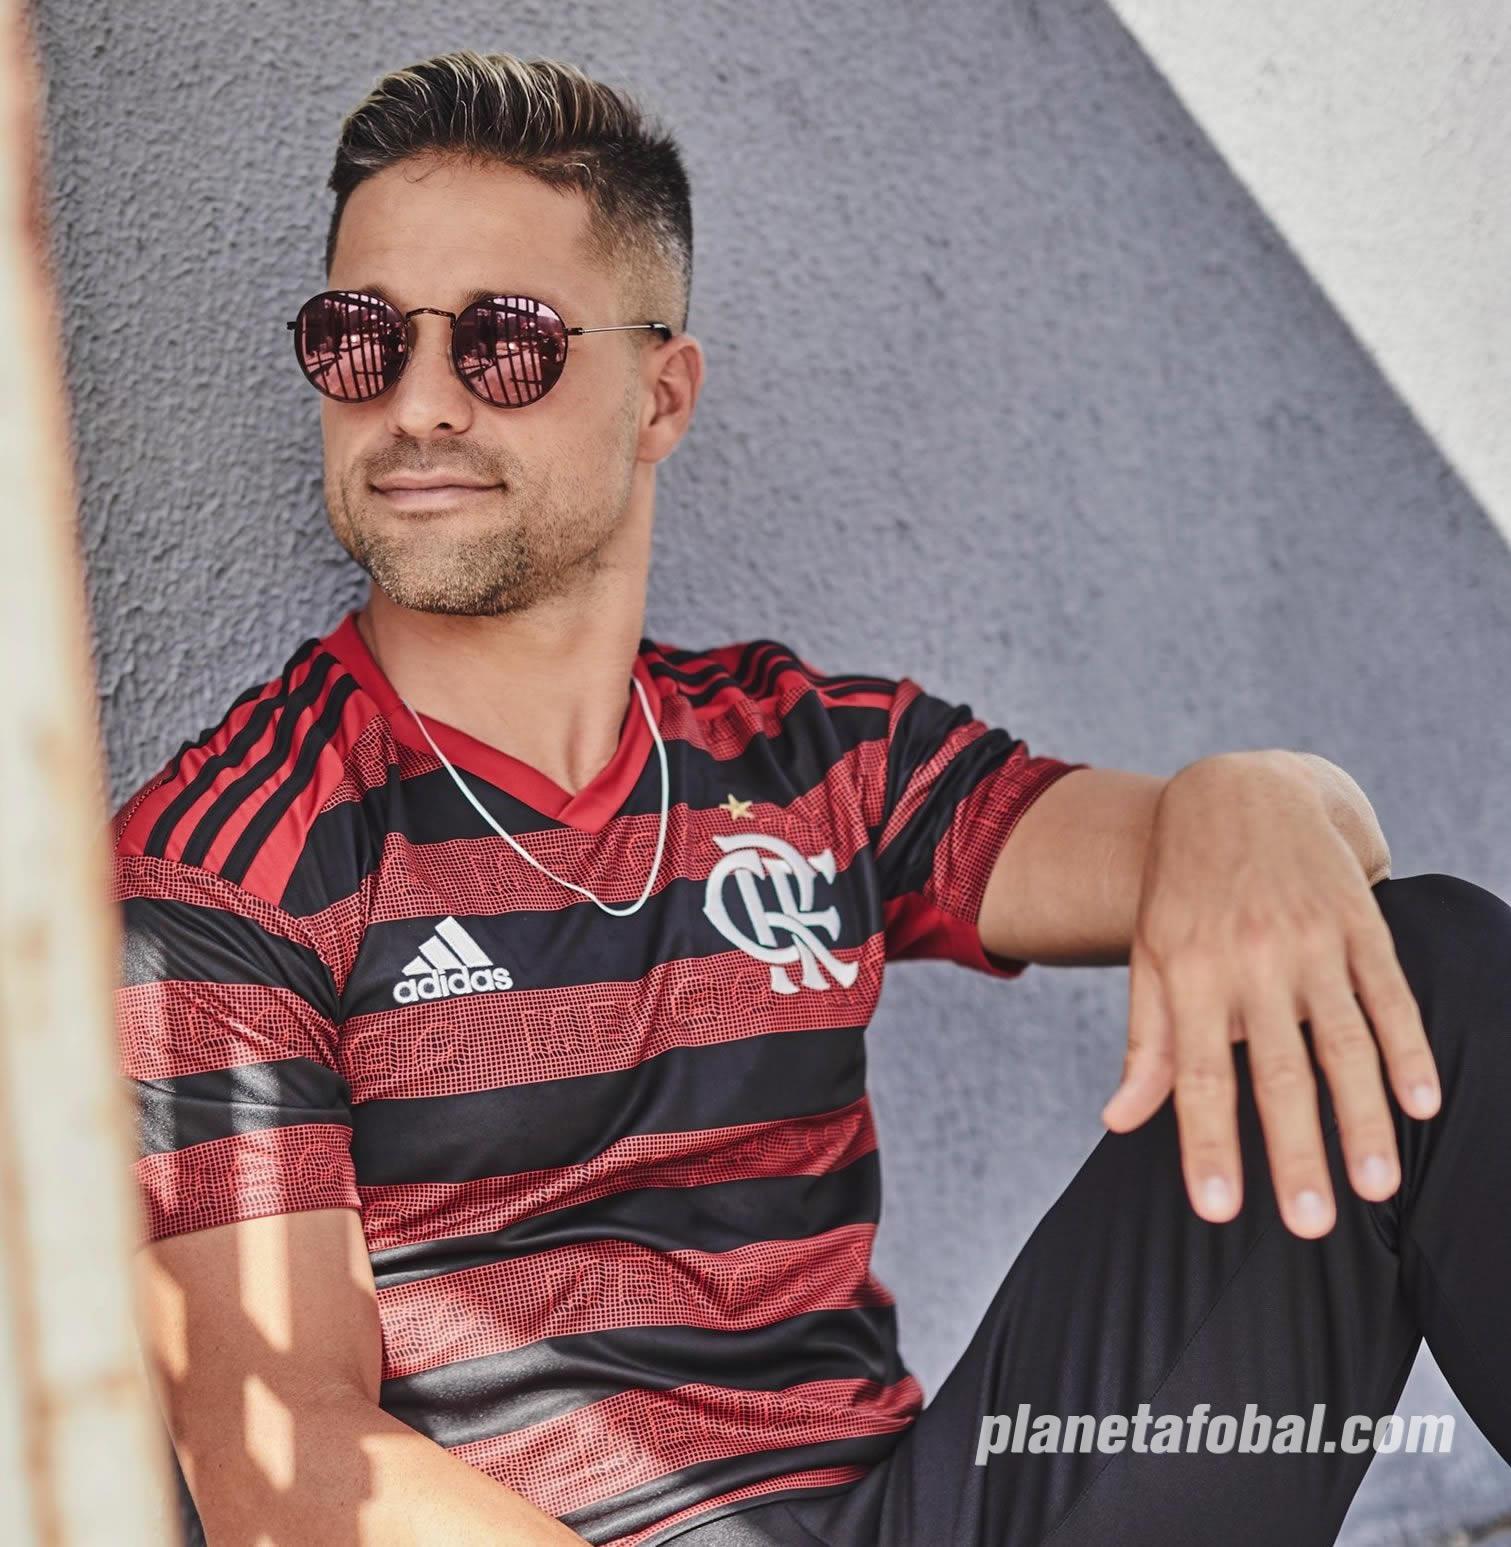 Camiseta Adidas del Flamengo 2019 | Imagen Twitter Oficial